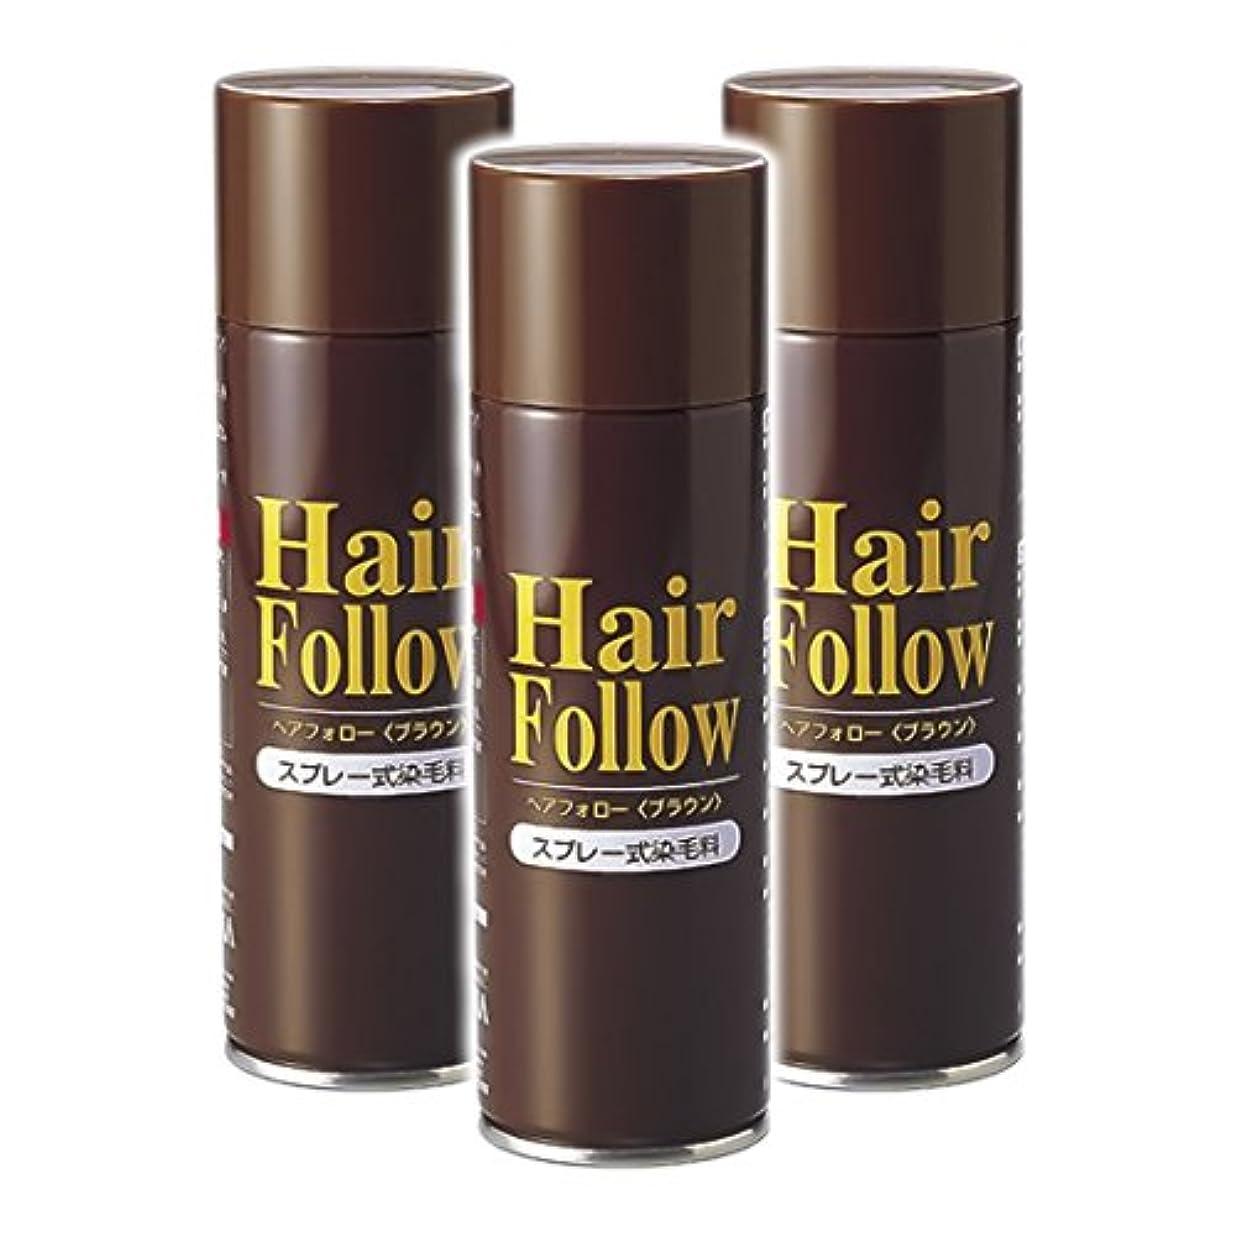 好奇心はさみ卵薄毛スプレー 3本セット ヘアフォロー HairFollow ブラウン 150g